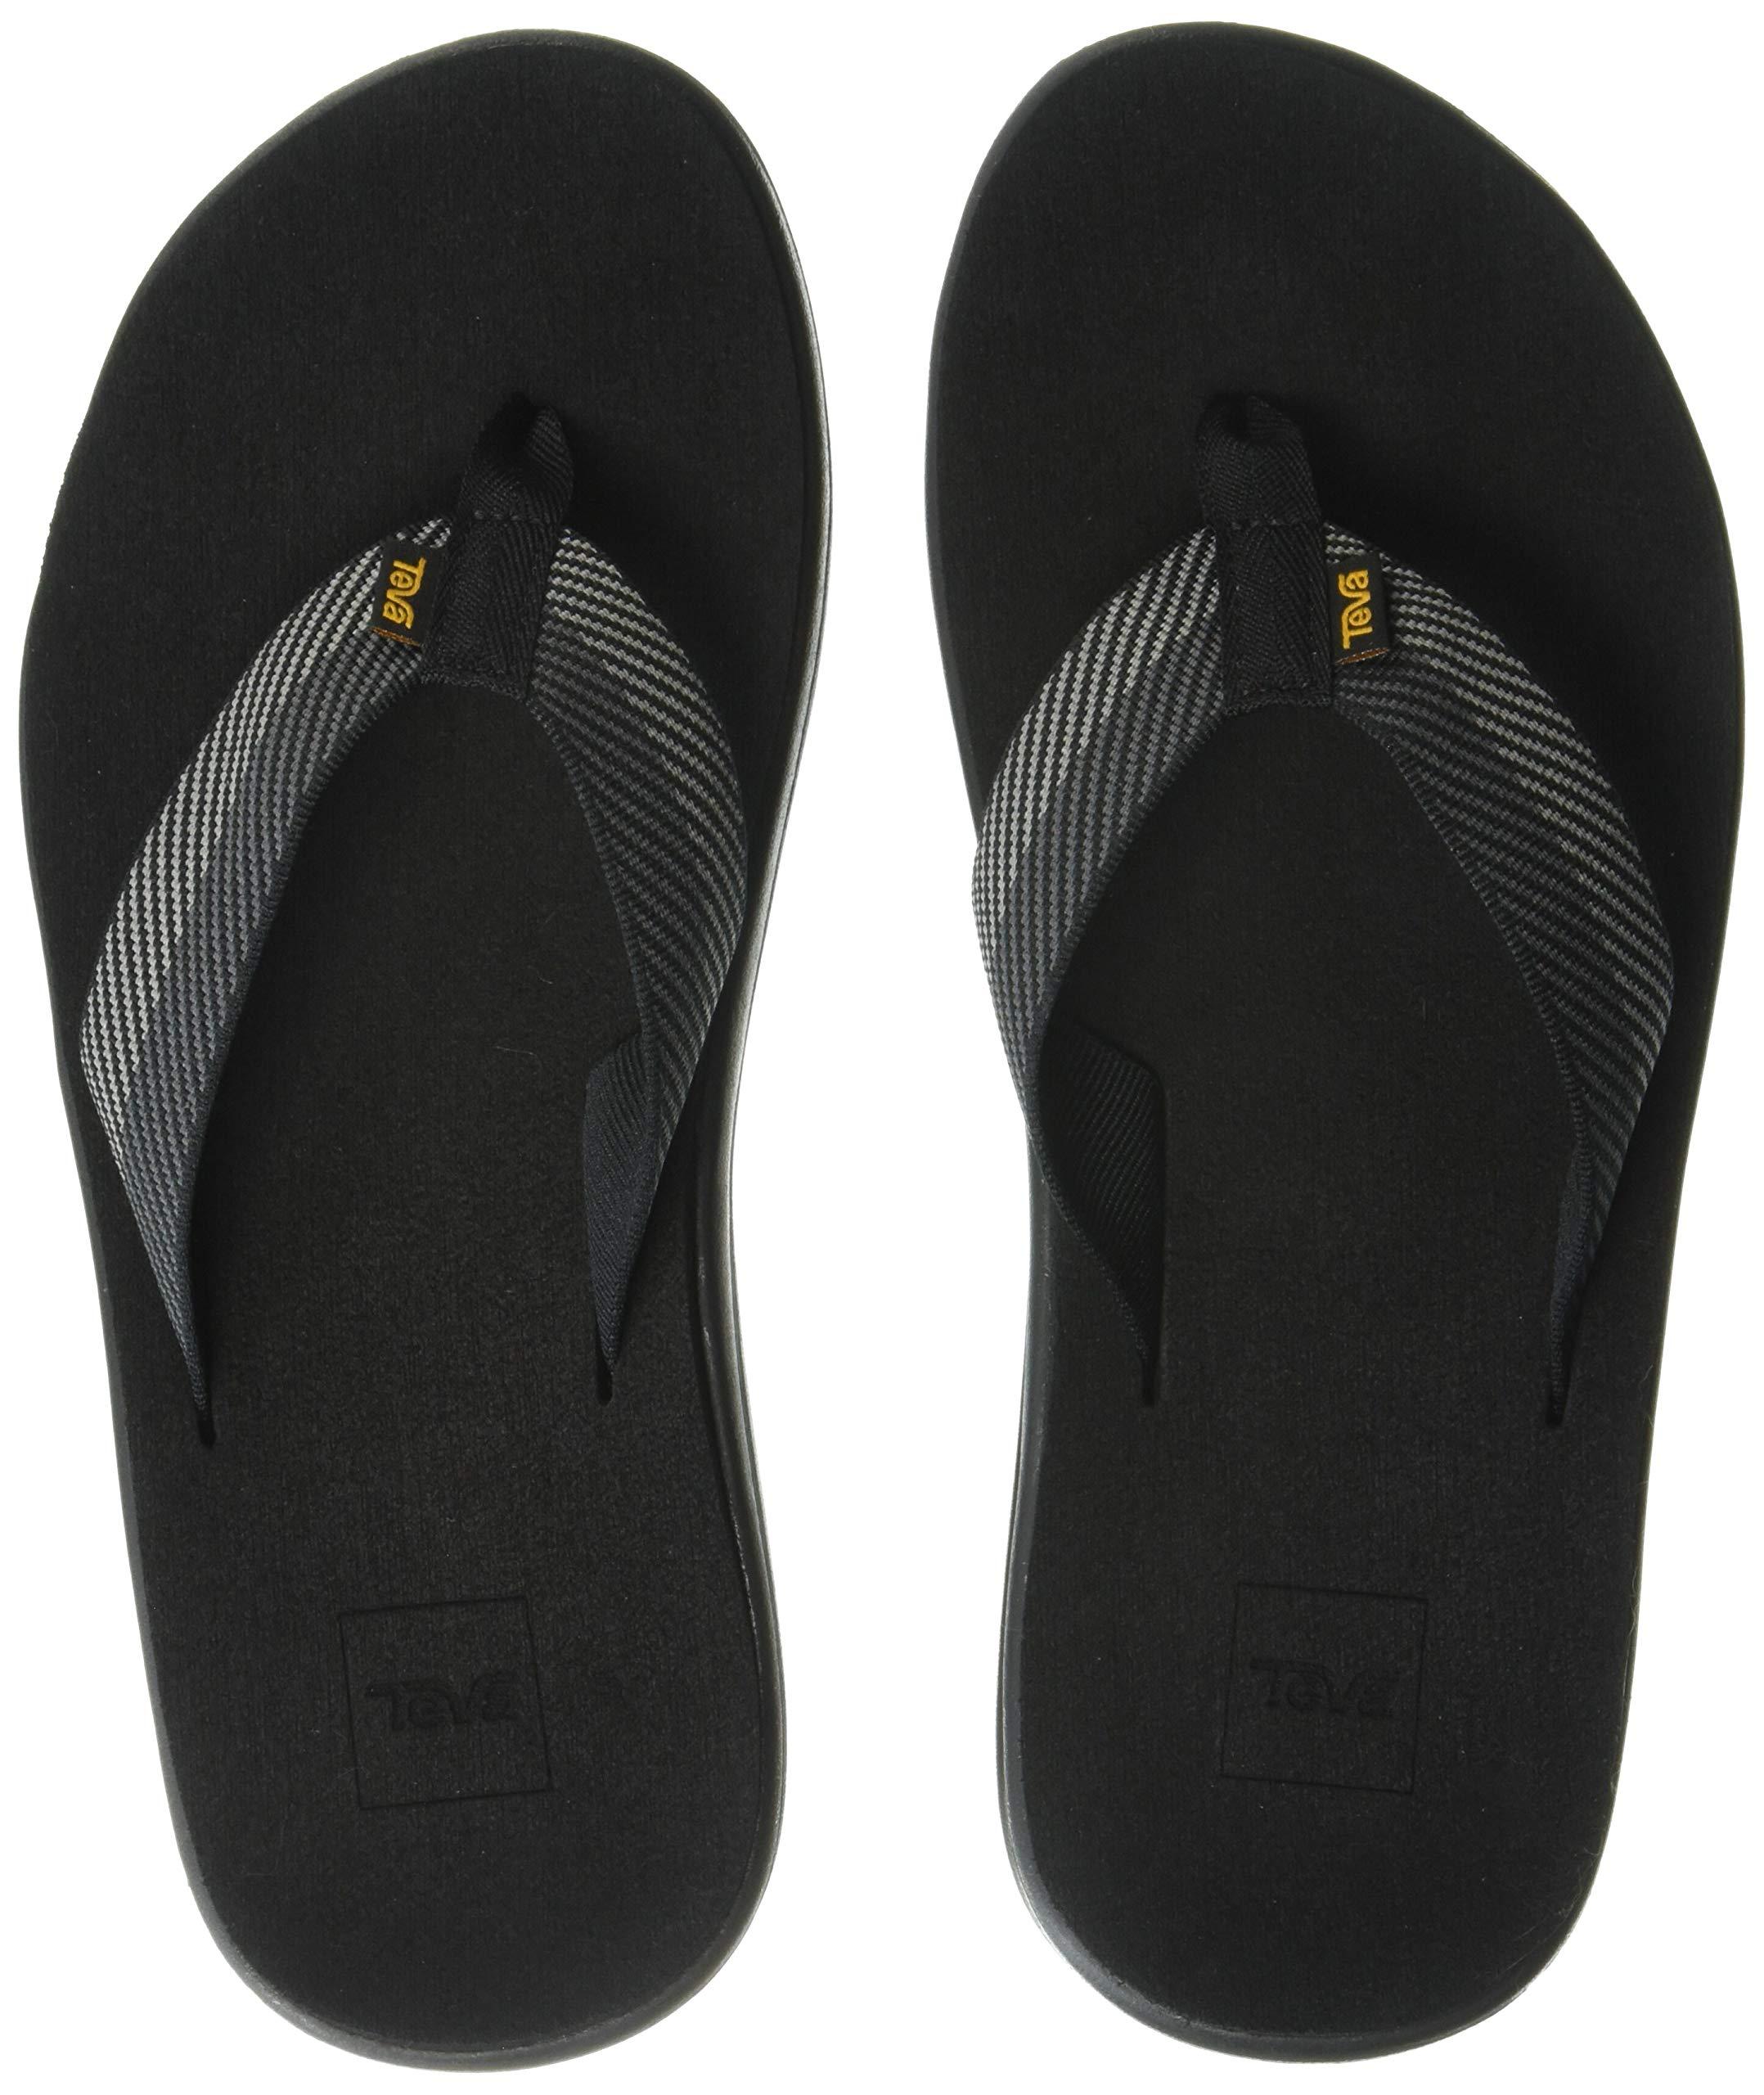 Teva Men's Voya Flip Open Back Slippers